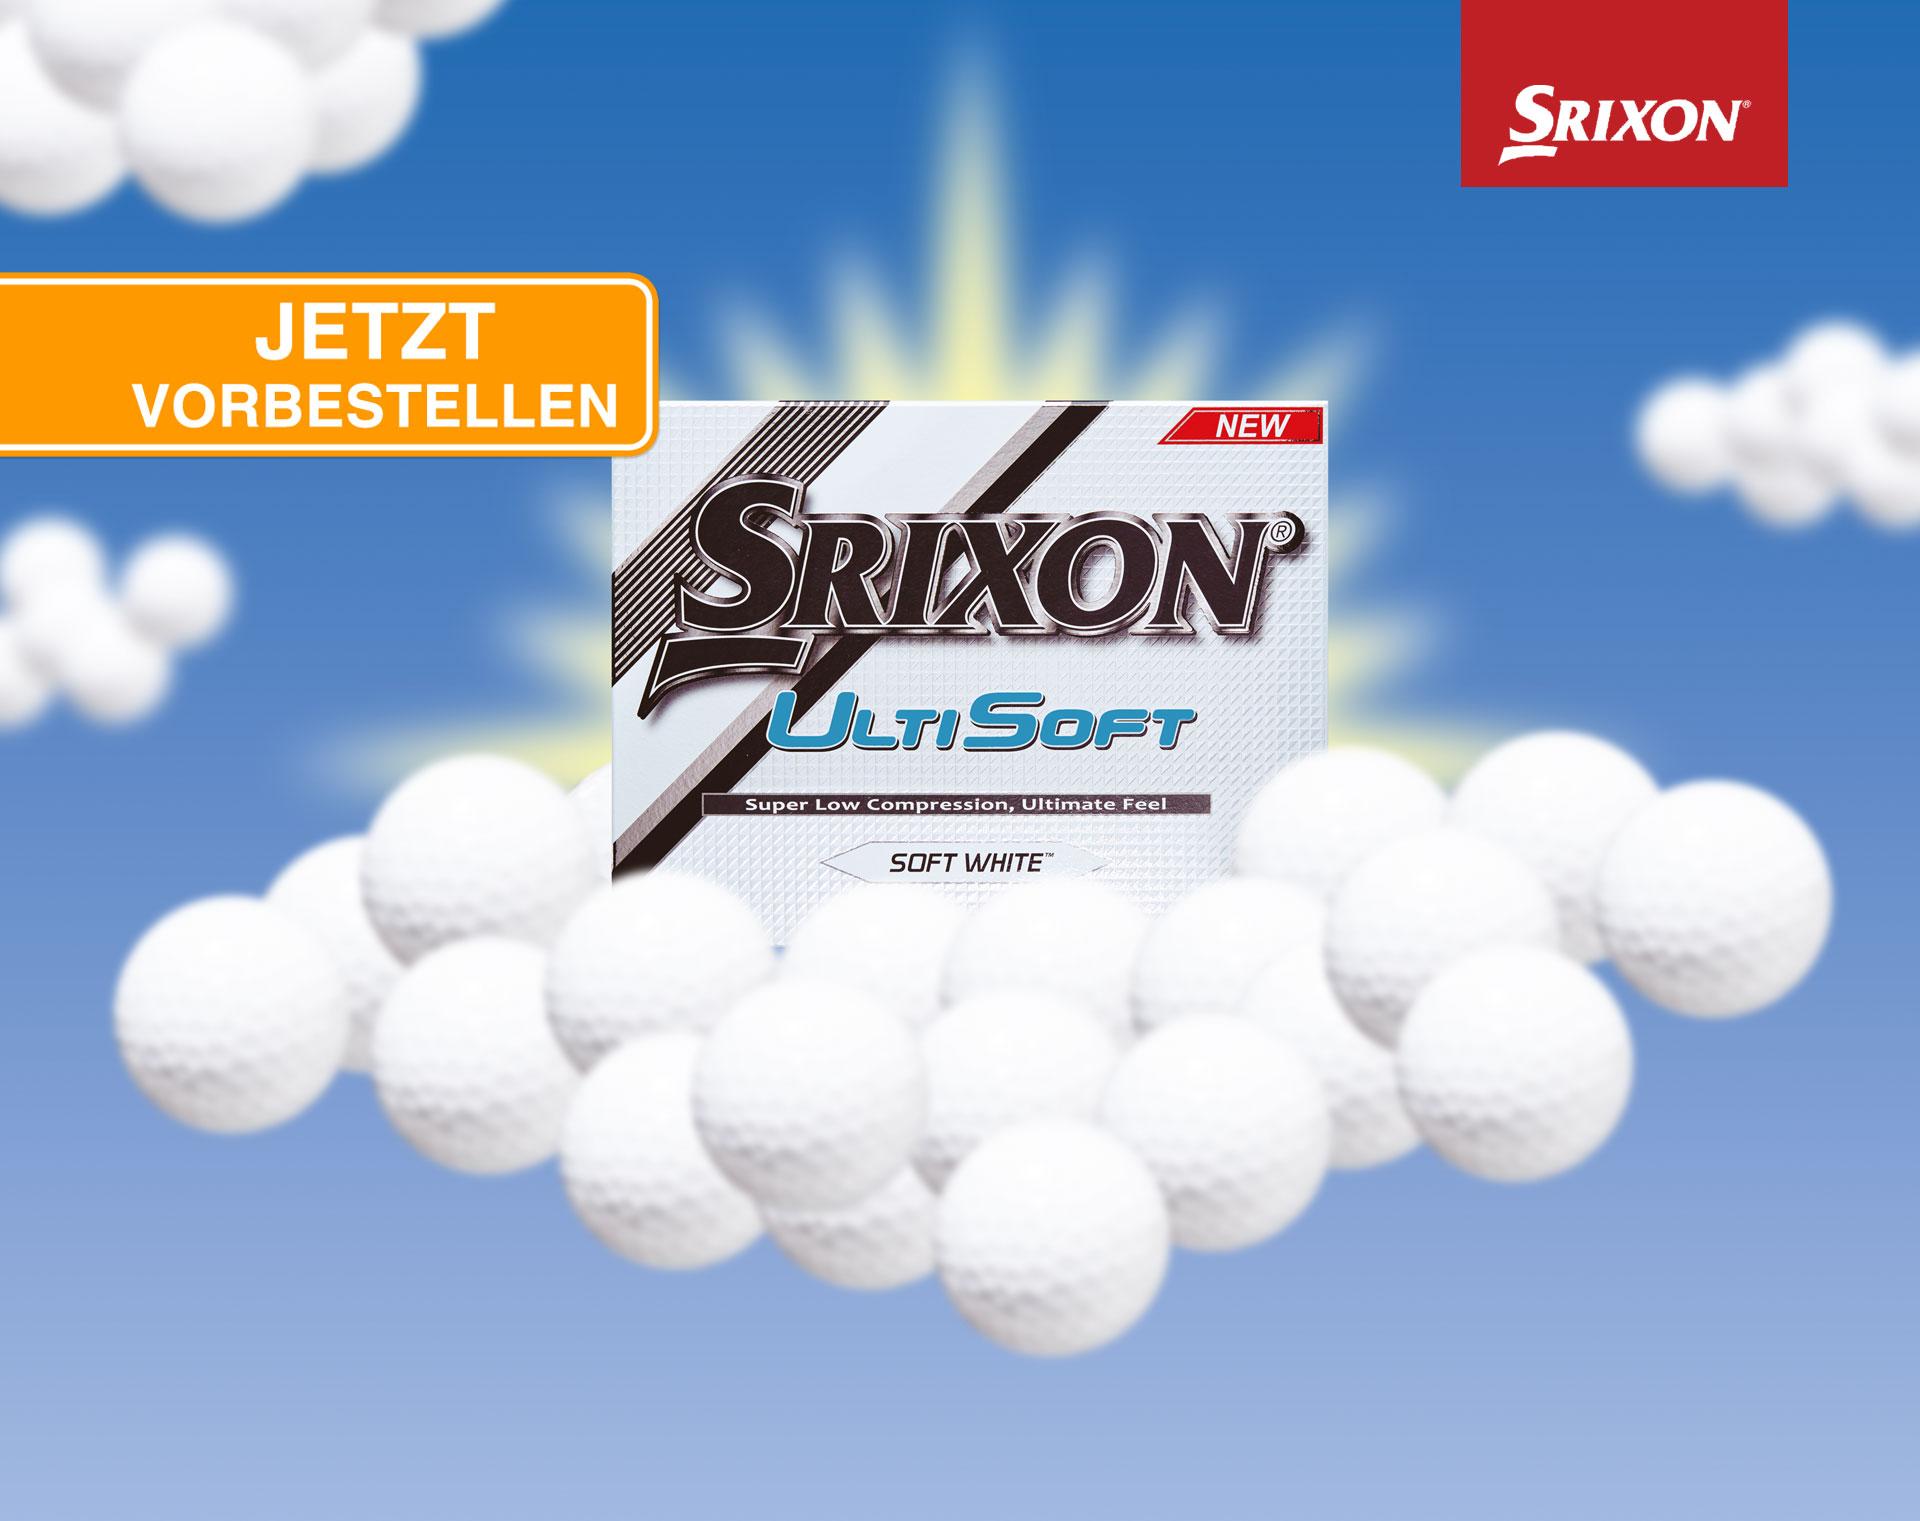 Srixon UltiSoft Golf Balls